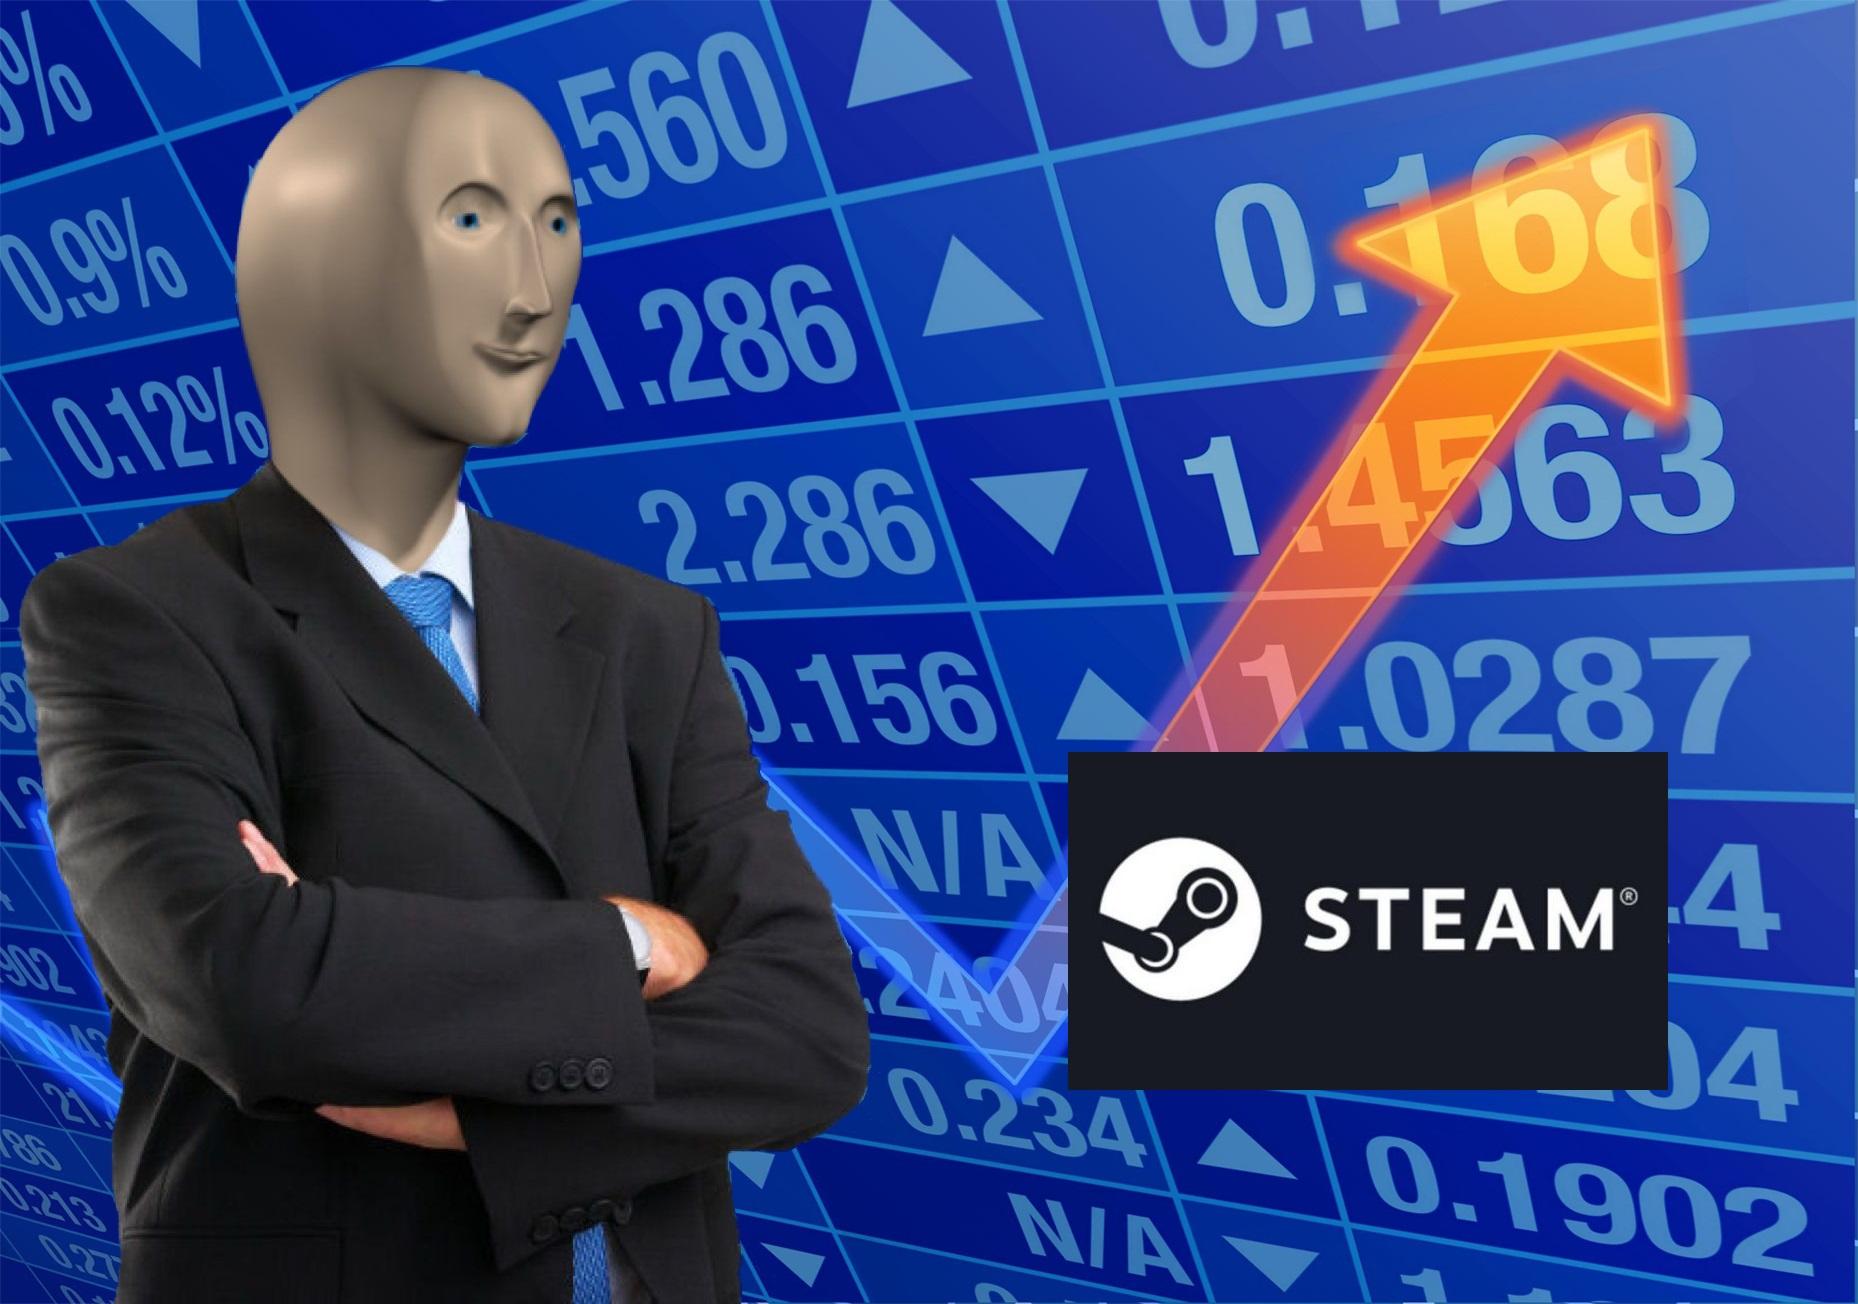 Steam在线玩家数量创下新纪录 突破2477万人